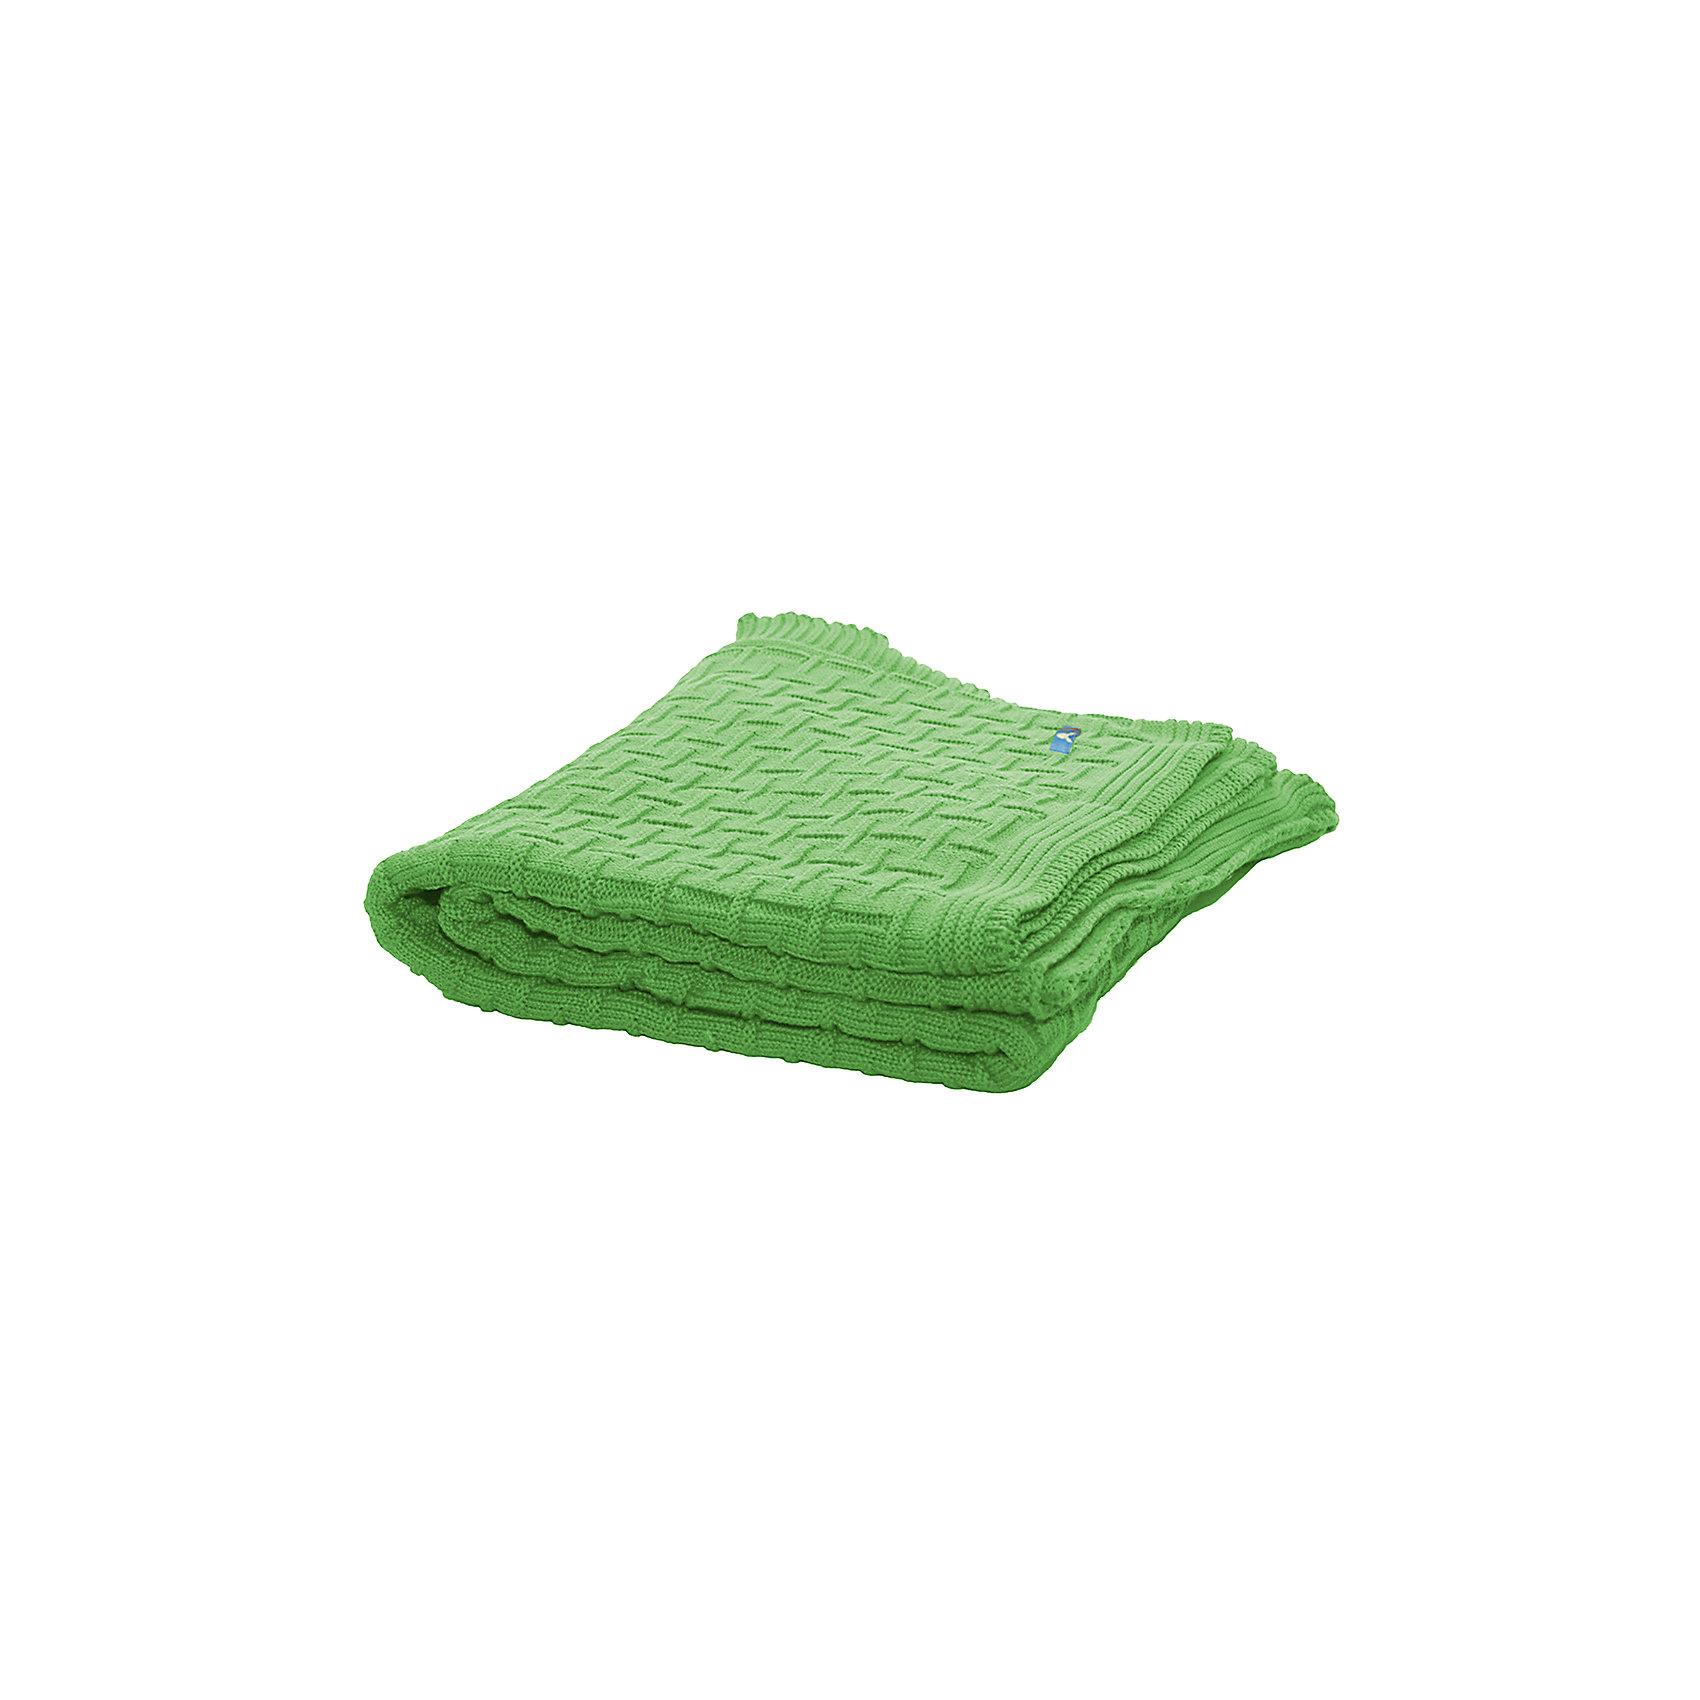 Плед хб вязаный, 70х90, Wallaboo, зеленыйОдеяла, пледы<br>Характеристики:<br><br>• объемная ажурная вязка;<br>• плед сохраняет тепло, исключает перегрев малыша;<br>• допустима ручная стирка при температуре 30 градусов;<br>• материал: 100% шесть мериноса;<br>• размер пледа: 70х90 см;<br>• размер упаковки: 25х23х4 см;<br>• вес: 350 г.<br><br>Вязаный плед Wallaboo нежно окутывает малыша, сохраняет тепло, создает мягкое прикосновение. Плед изготовлен из шерсти мериноса, кожа ребенка под таким пледом остается сухой, малыш не потеет. Ажурная вязка придает пледу нарядный вид.<br><br>Плед хб вязаный, 70х90, Wallaboo, зеленый можно купить в нашем интернет-магазине.<br><br>Ширина мм: 800<br>Глубина мм: 800<br>Высота мм: 50<br>Вес г: 500<br>Возраст от месяцев: 0<br>Возраст до месяцев: 12<br>Пол: Унисекс<br>Возраст: Детский<br>SKU: 5445069